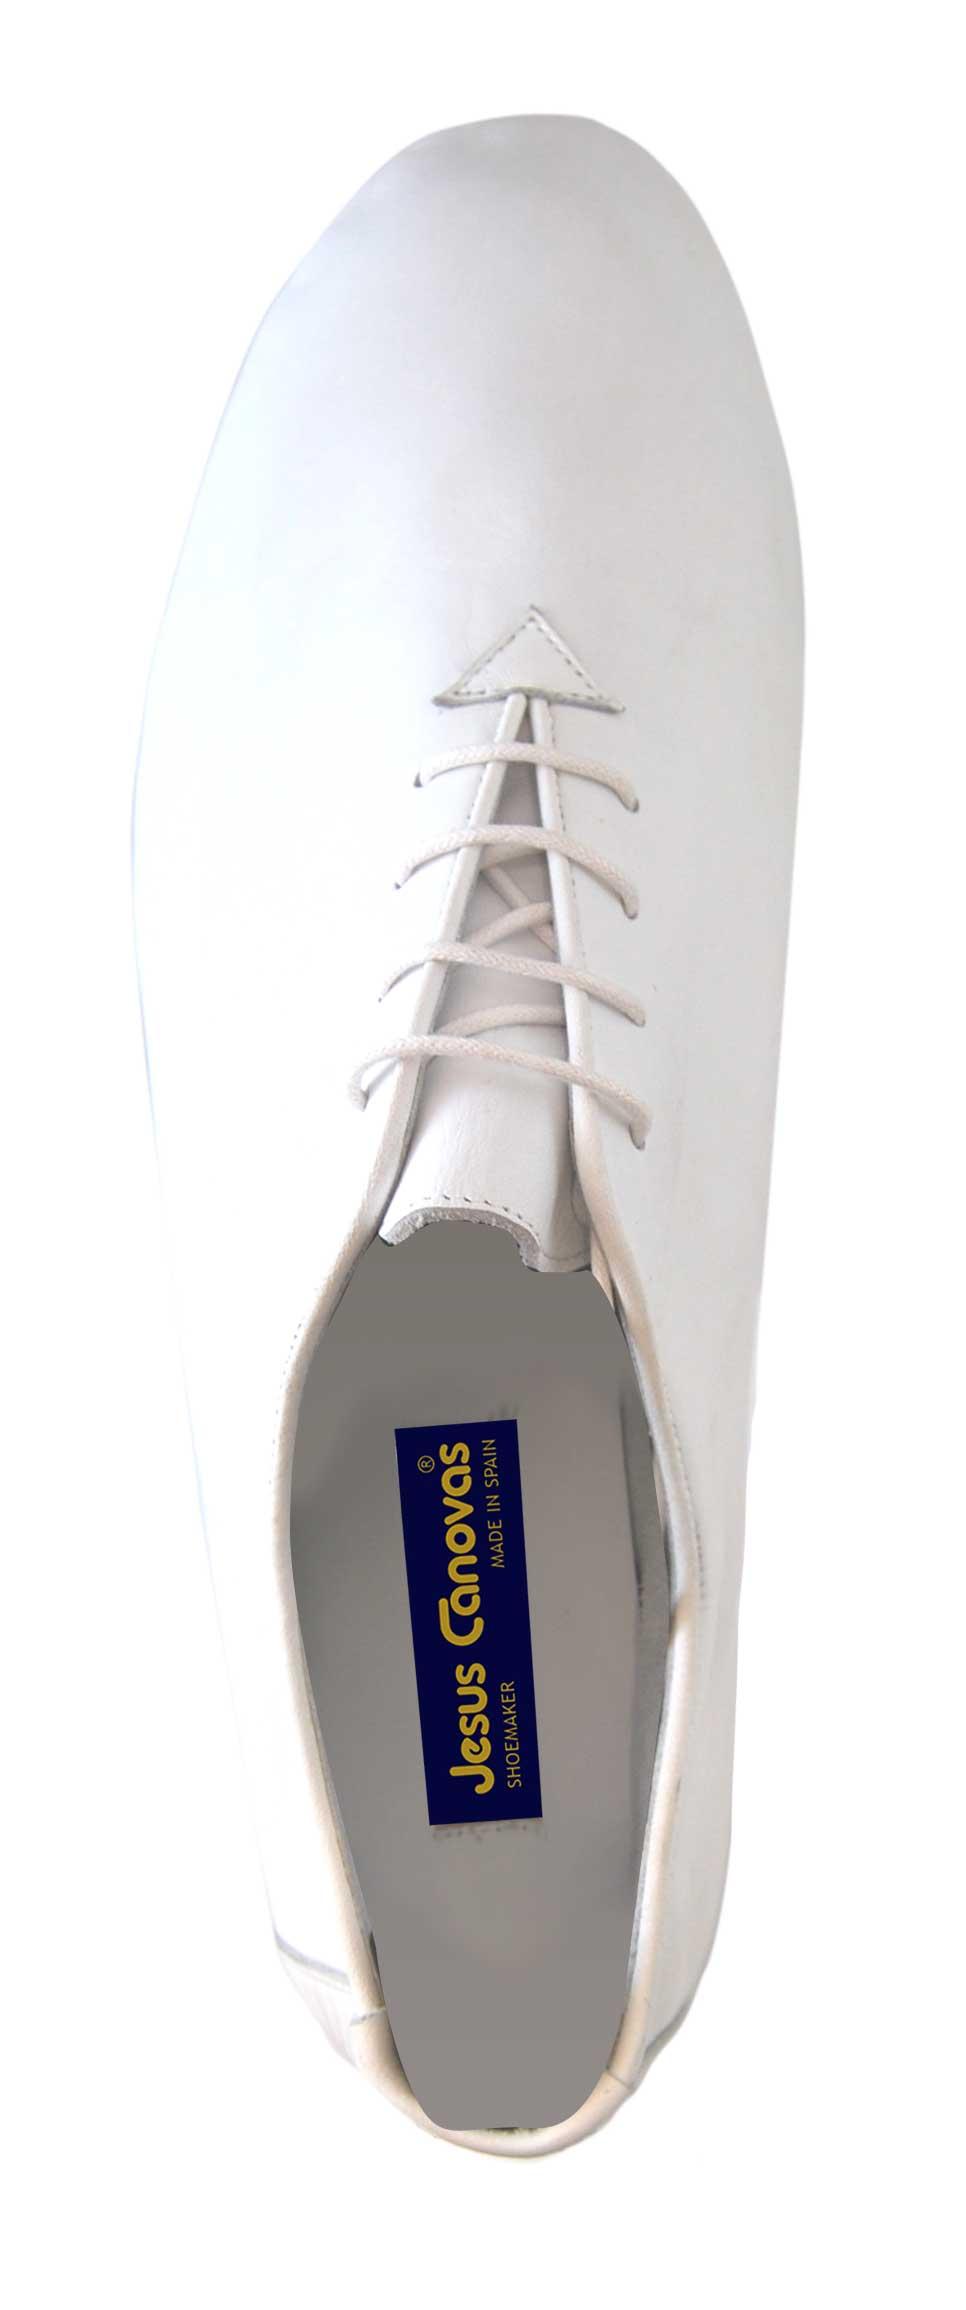 Foto 2 de Zapatos Julio Iglesias Cordon 529 JC Blanco Napa